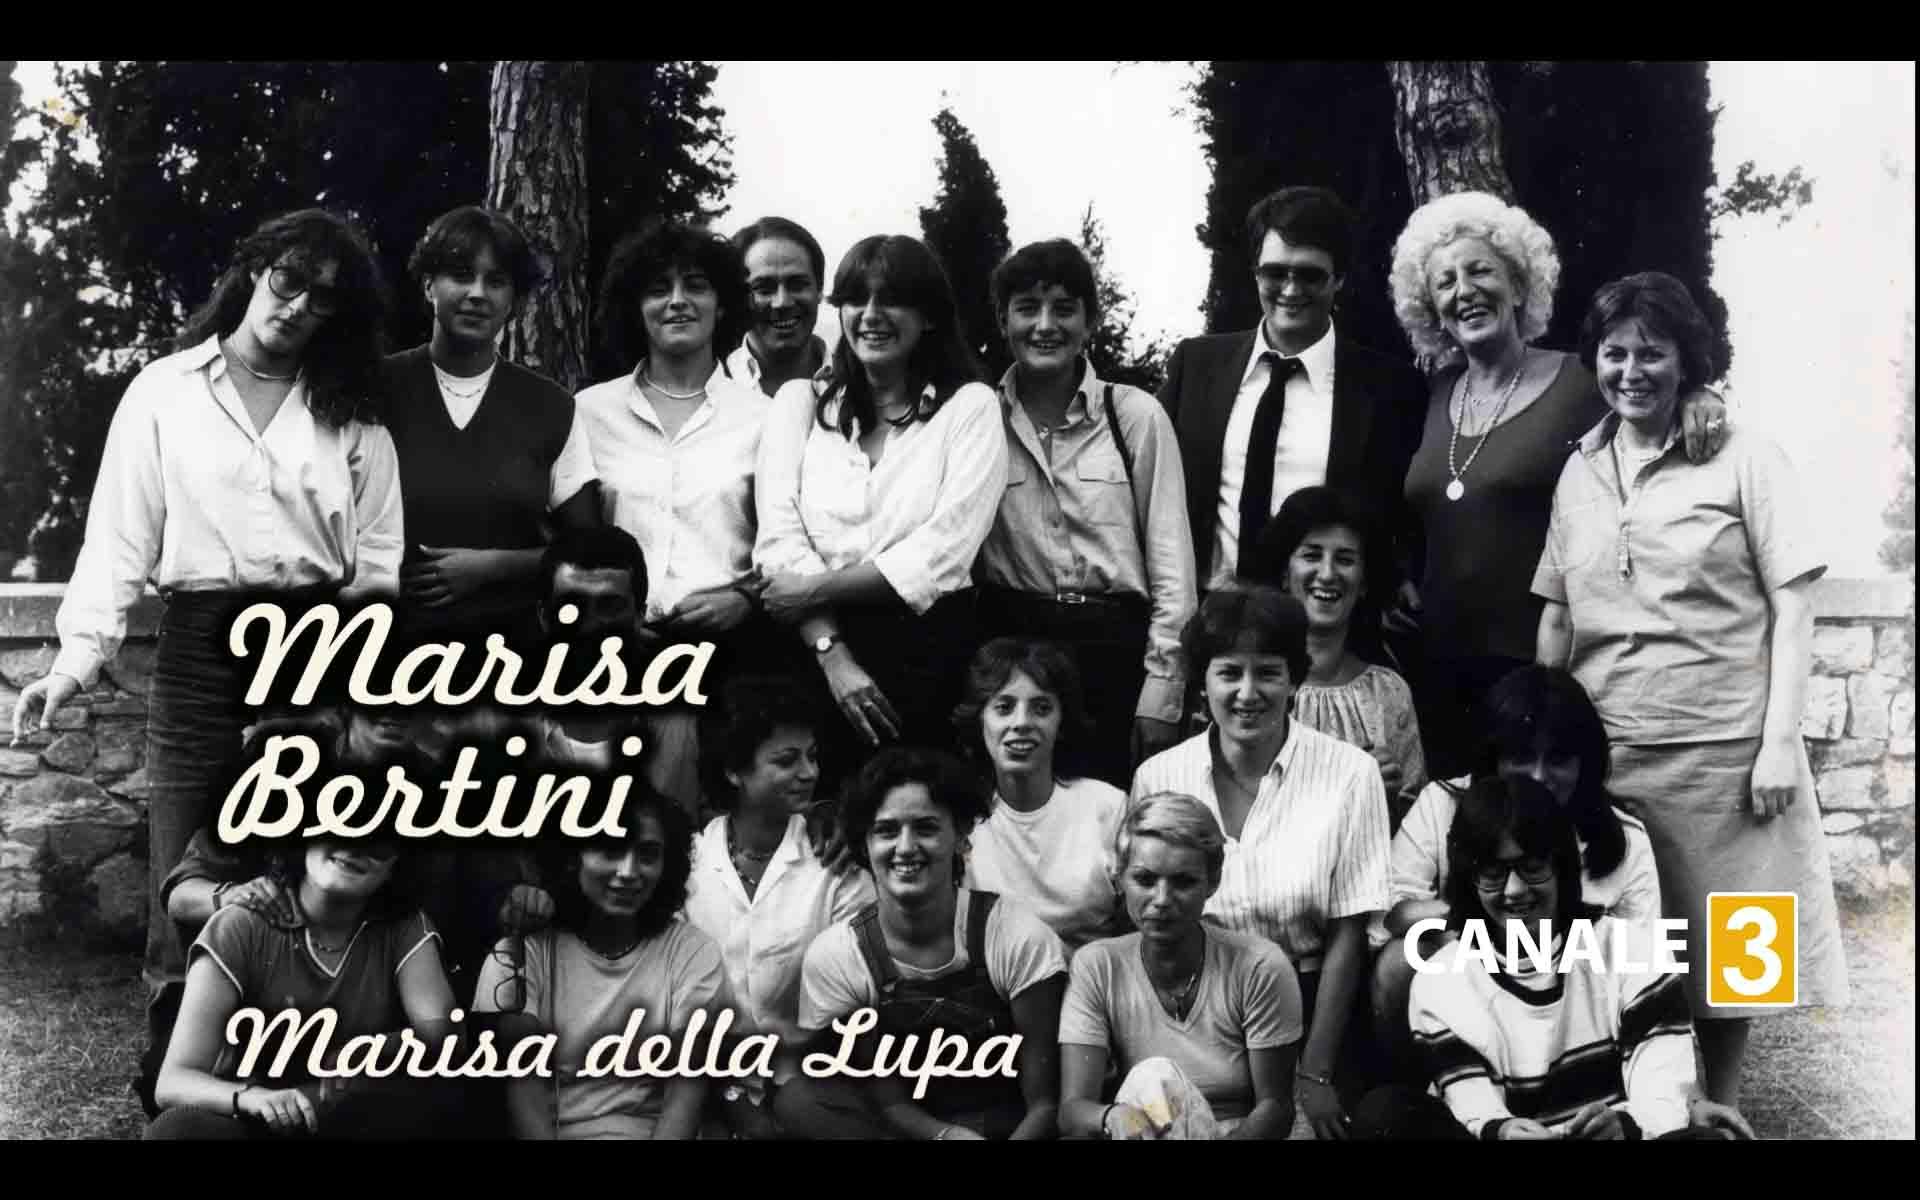 copertina della puntata di Ricordi di Palio, dedicata a Marisa Bertini, la Marisona della Lupa